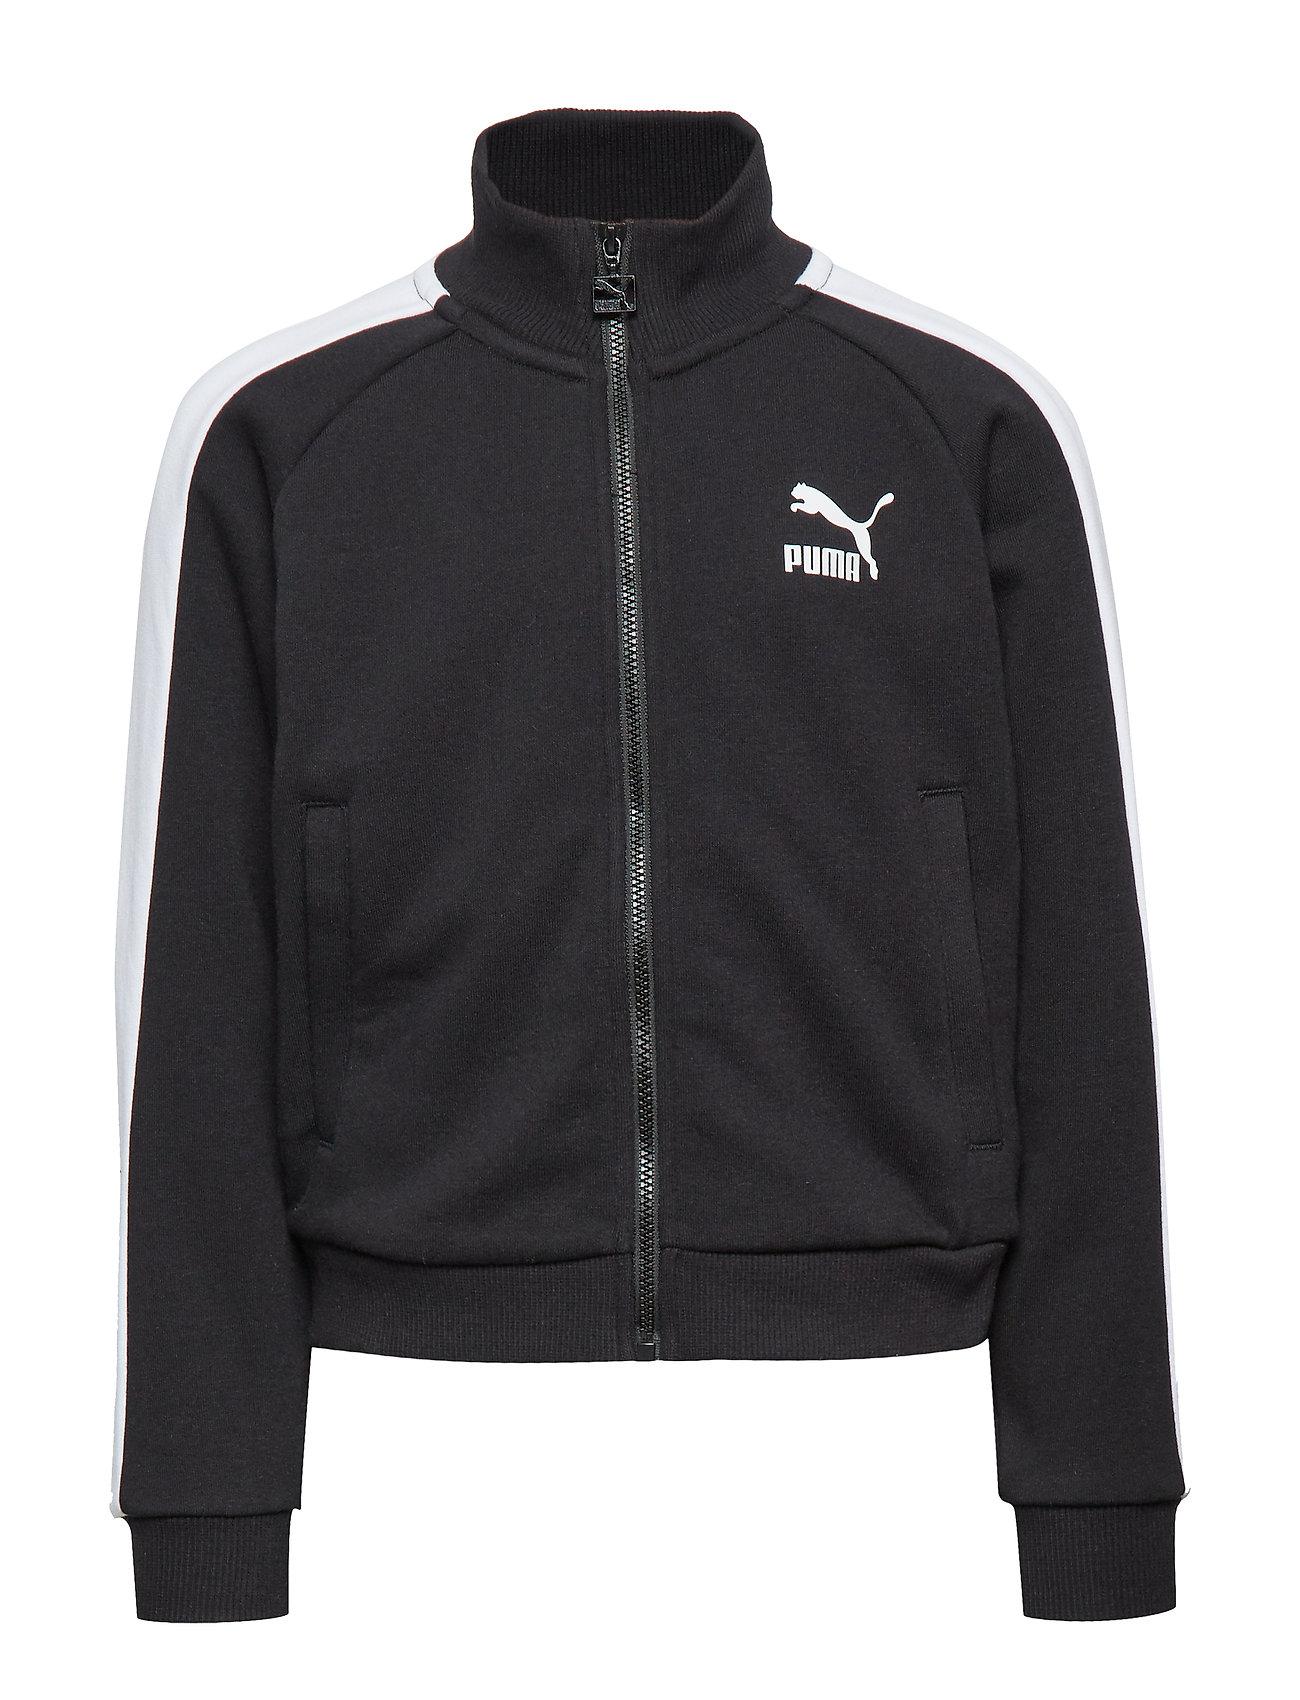 PUMA Classics T7 Jacket  TR G - PUMA BLACK